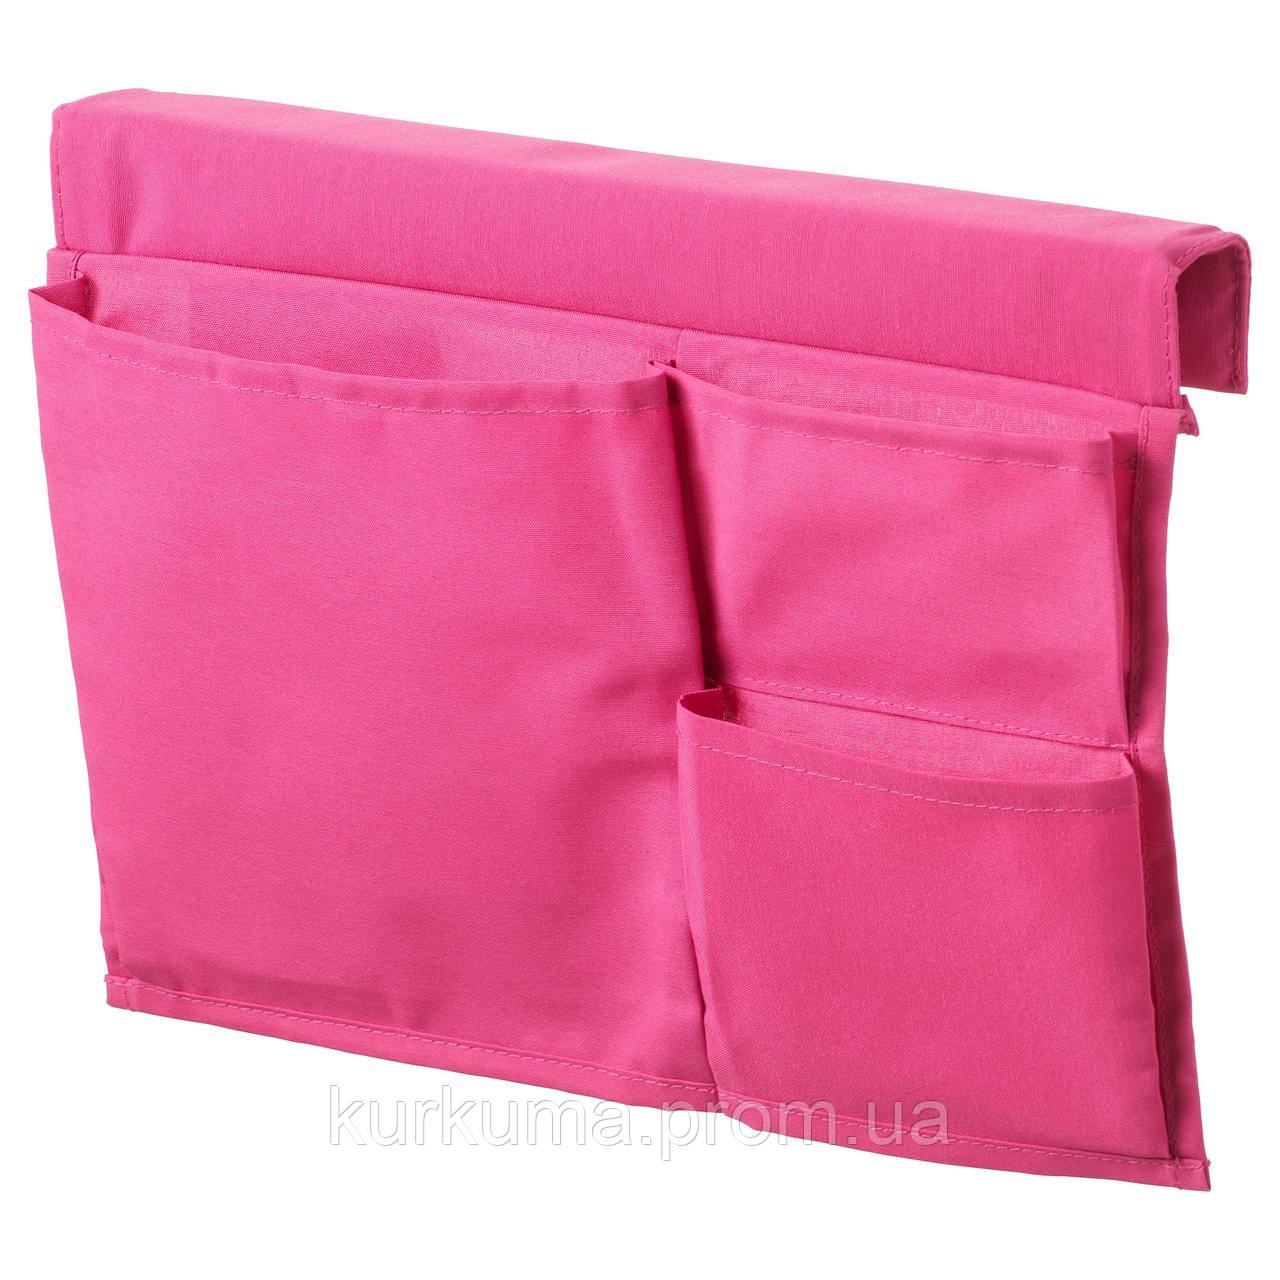 IKEA STICKAT Карман для кровати, розовый, 39x30 см (902.962.95)